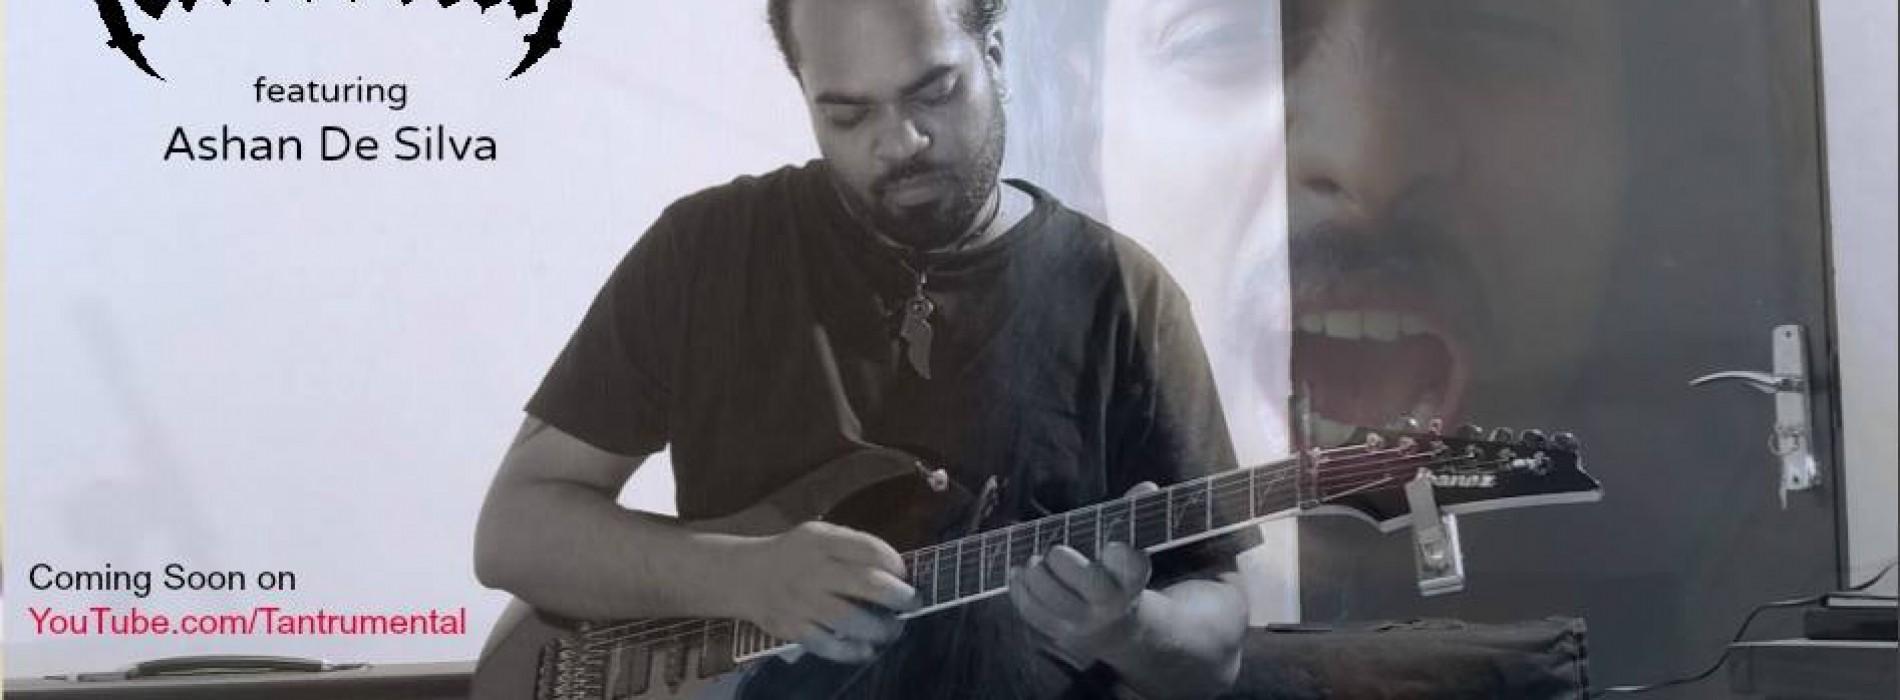 Tantrum Ft. Guest Solo By Ashan De Silva – Mr Crowley (Cover)